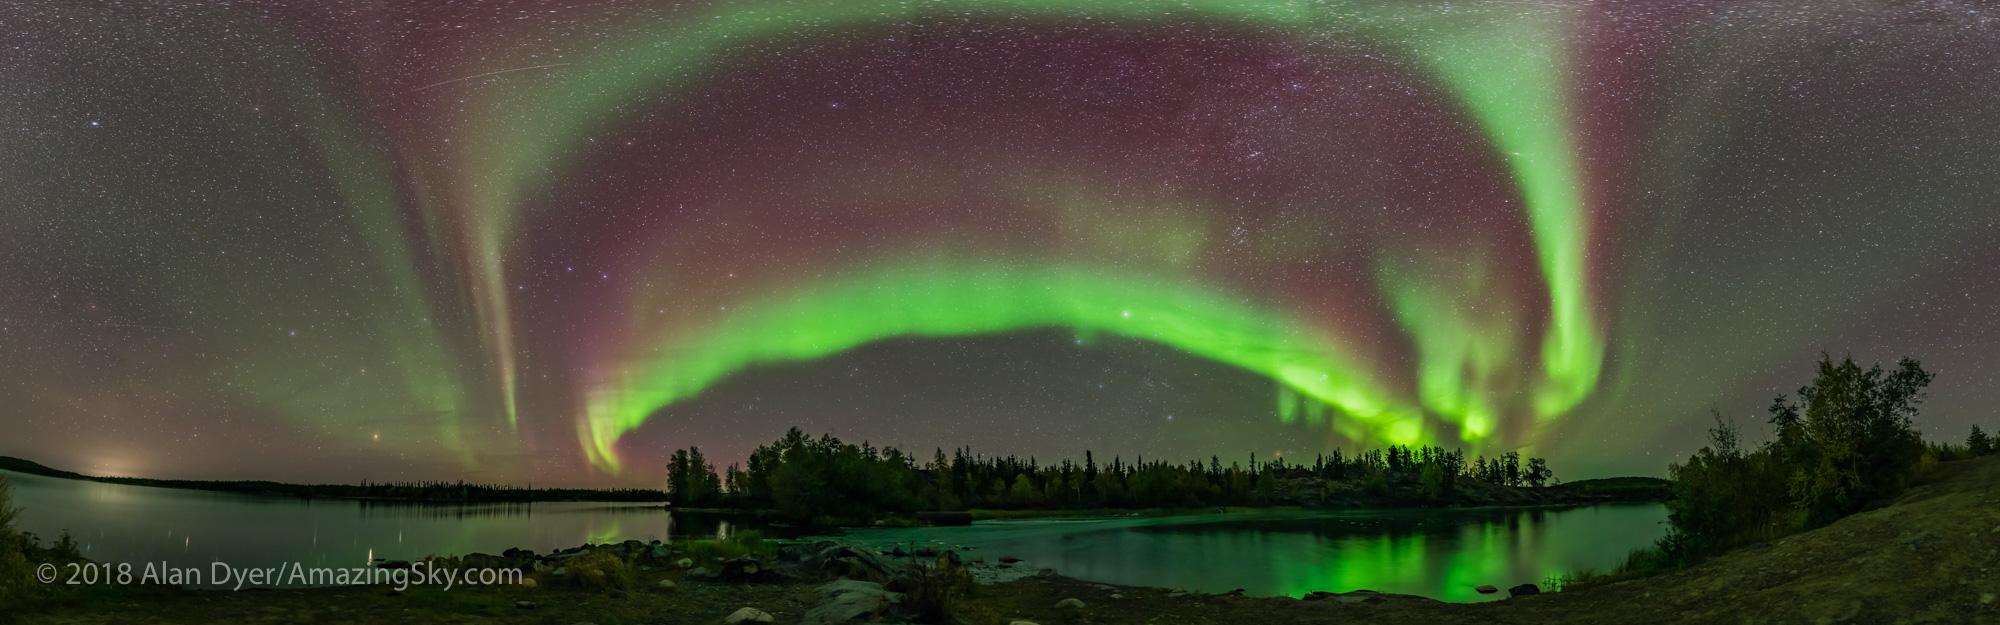 Aurora Panorama at Tibbit Lake #2